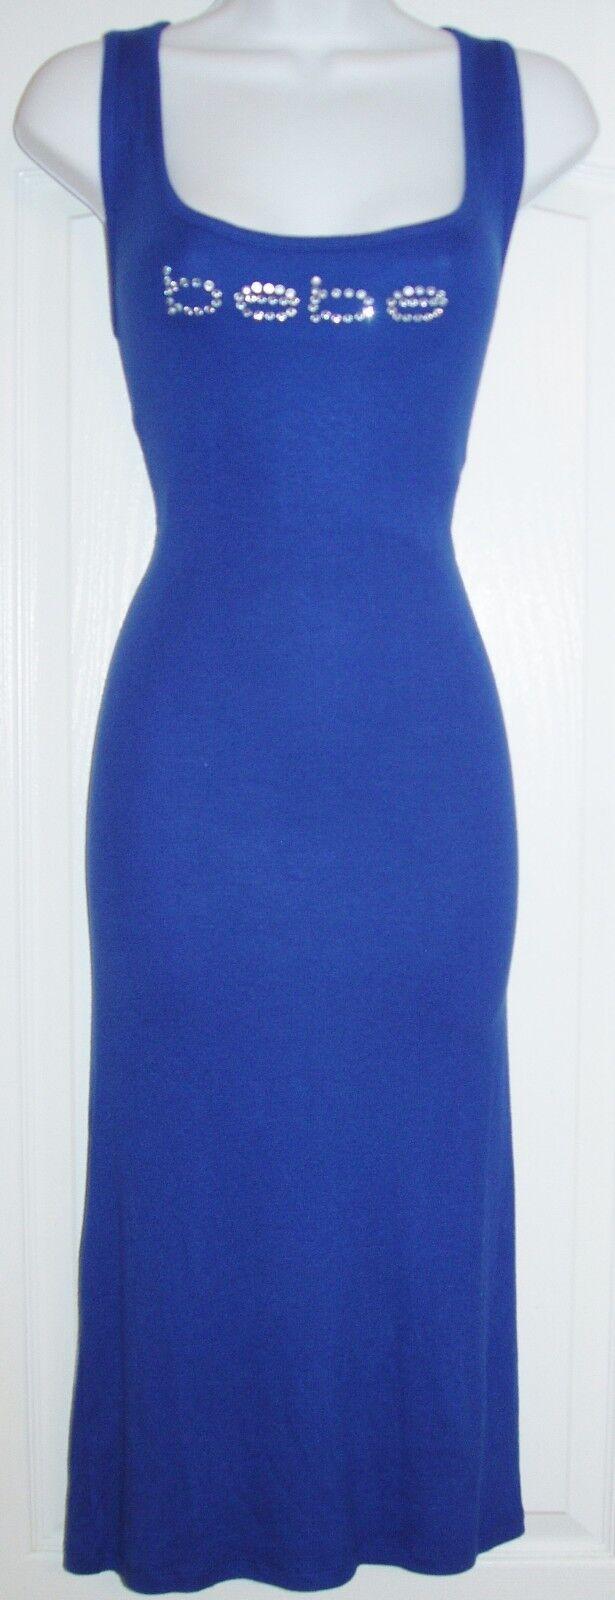 BEBE WOMEN'S SWAROVSKI CRYSTAL RHINESTONE blueE TANK DRESS SIZE STRETCHY XL NWT